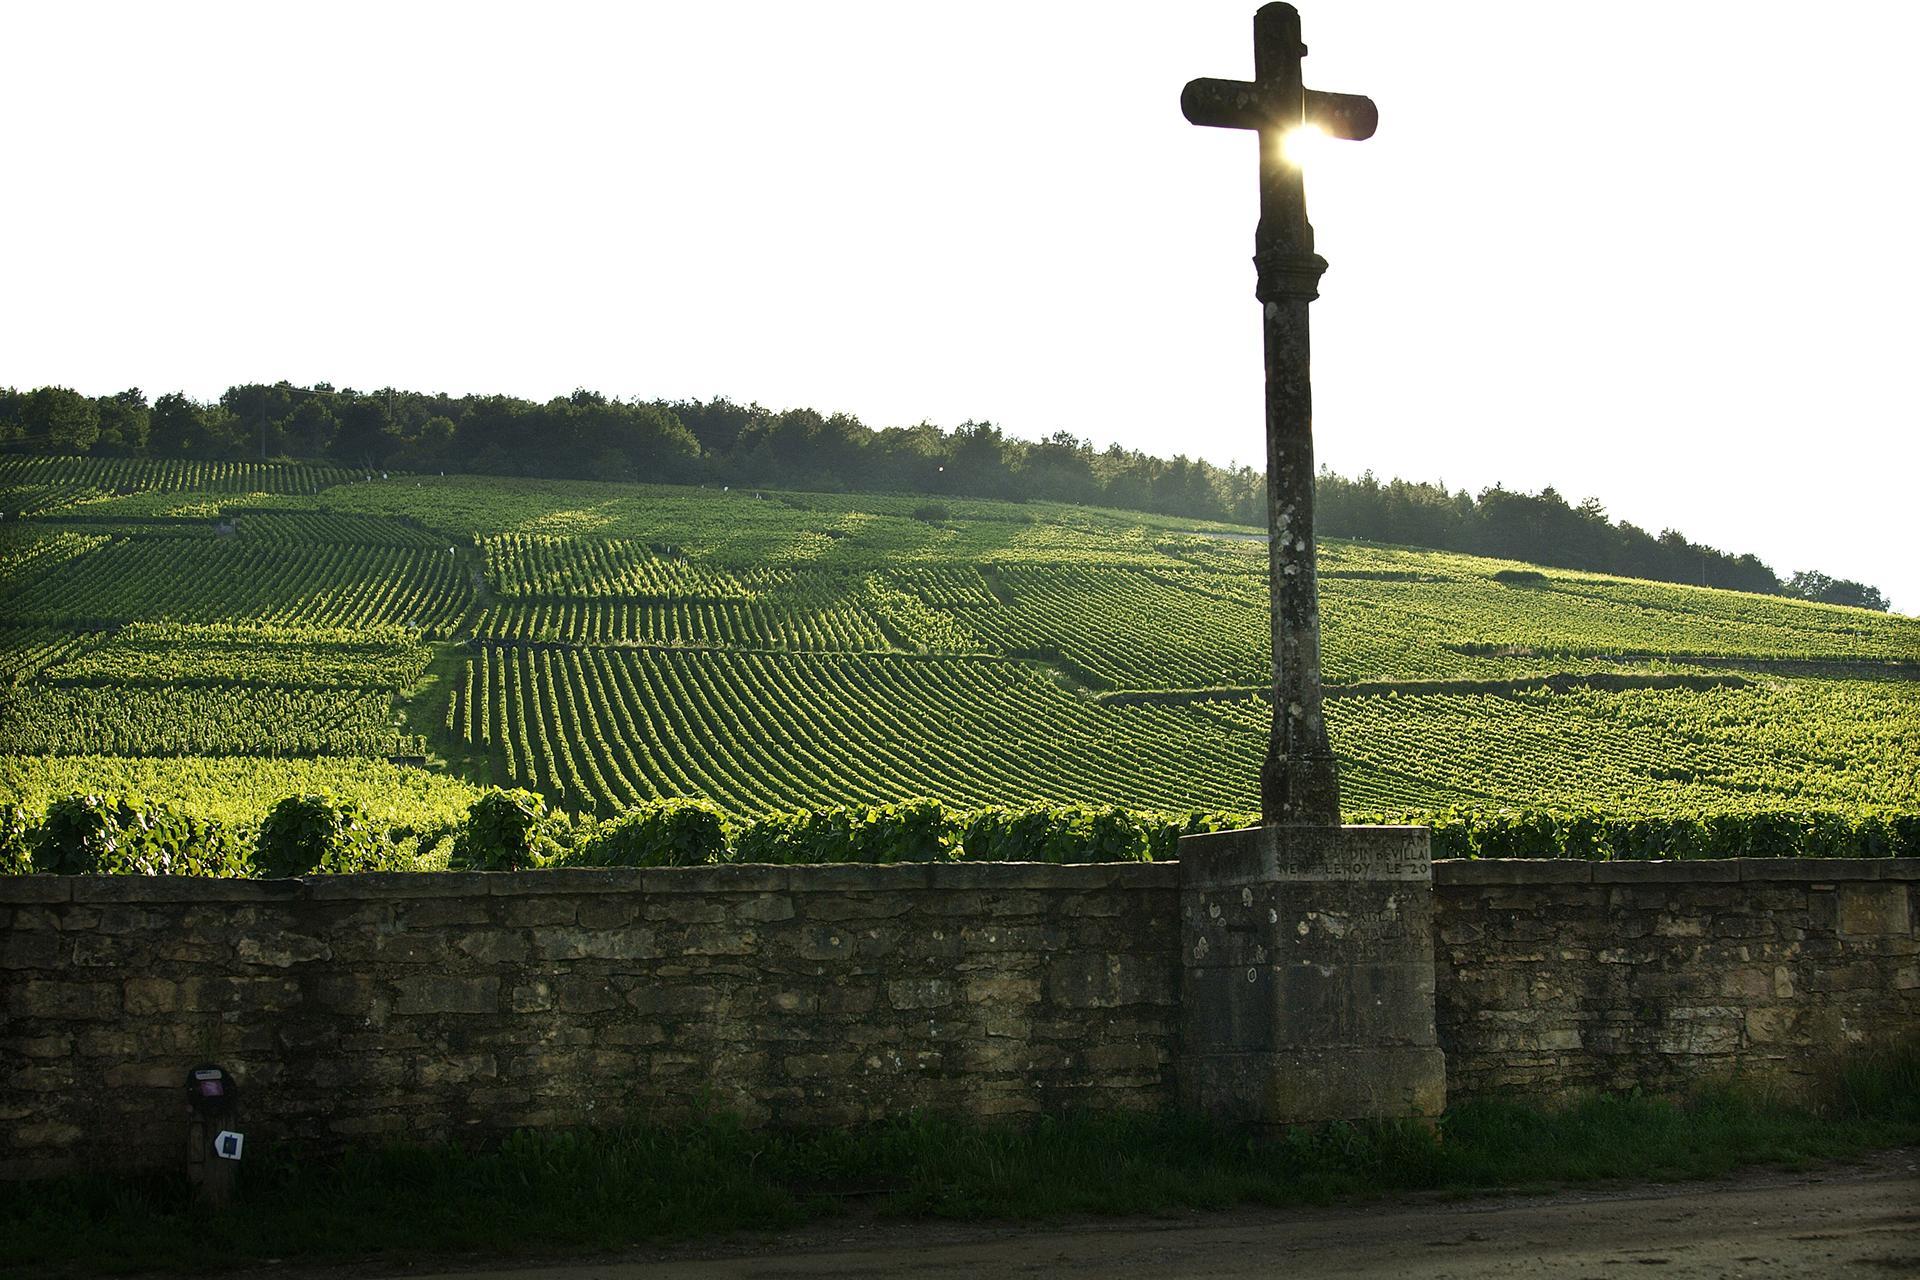 La Romanée-Conti, Burgundy's most prized vineyard